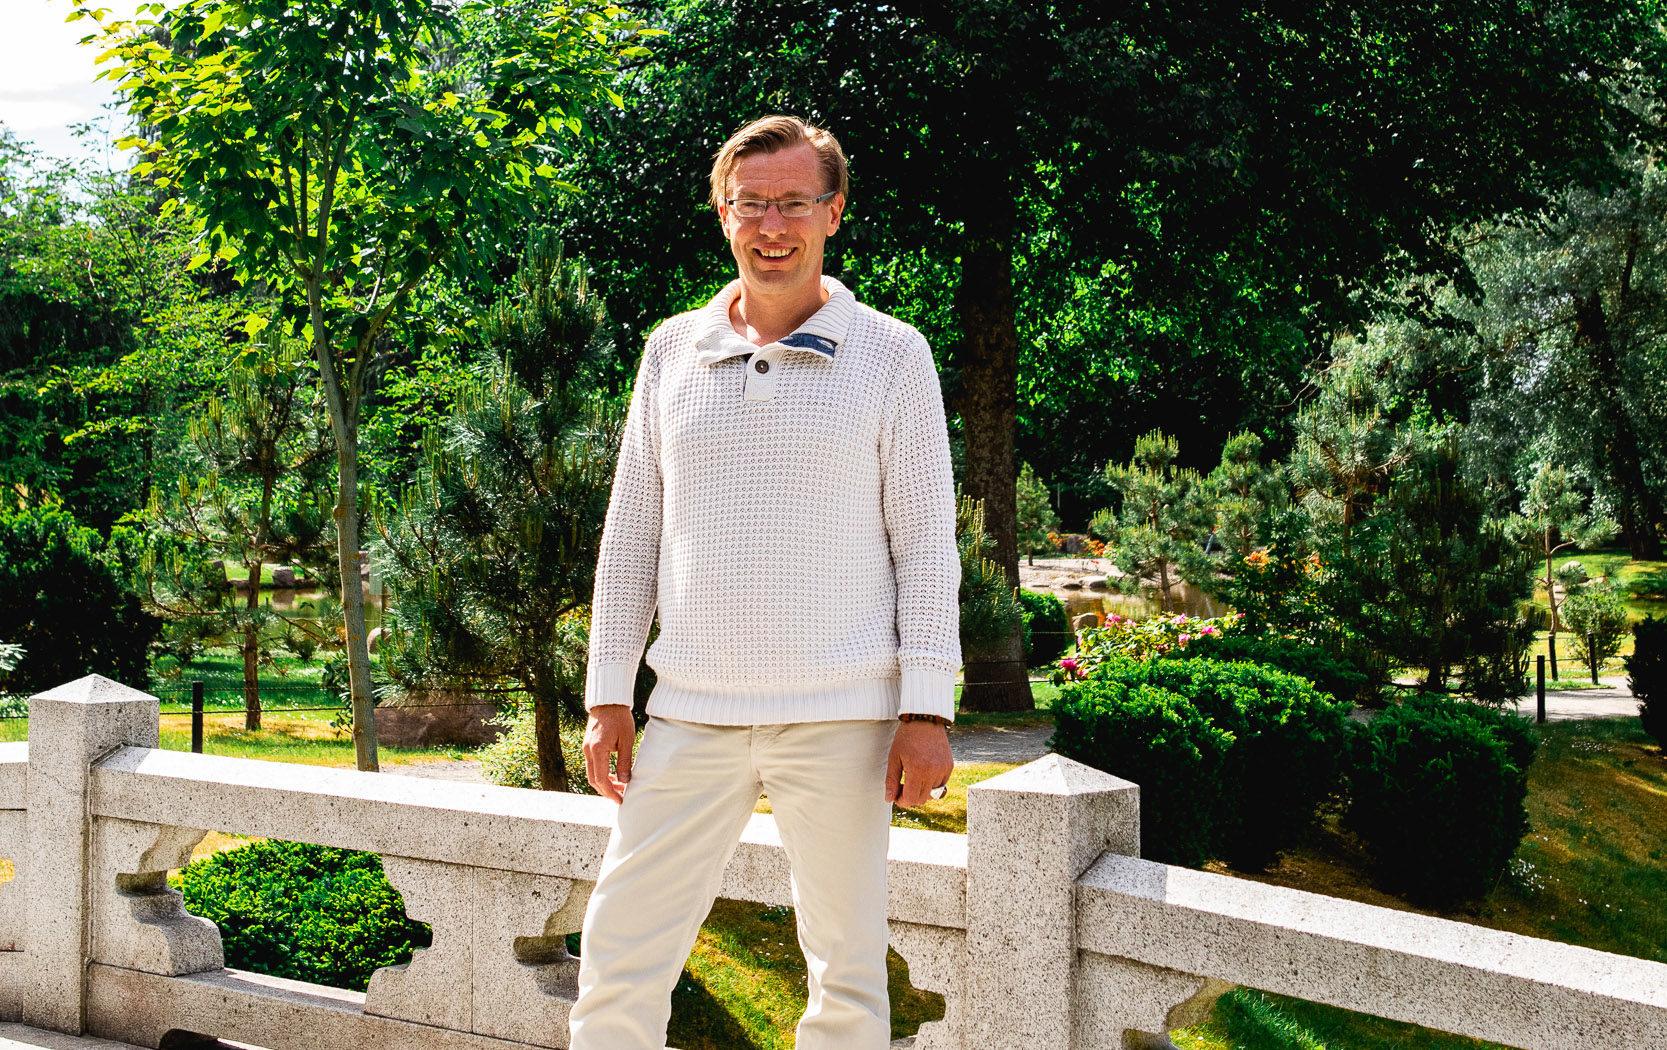 Heiki Tomson avaldab 12 postitust sellest, kuidas teadlik hingamine on muutnud tema elu